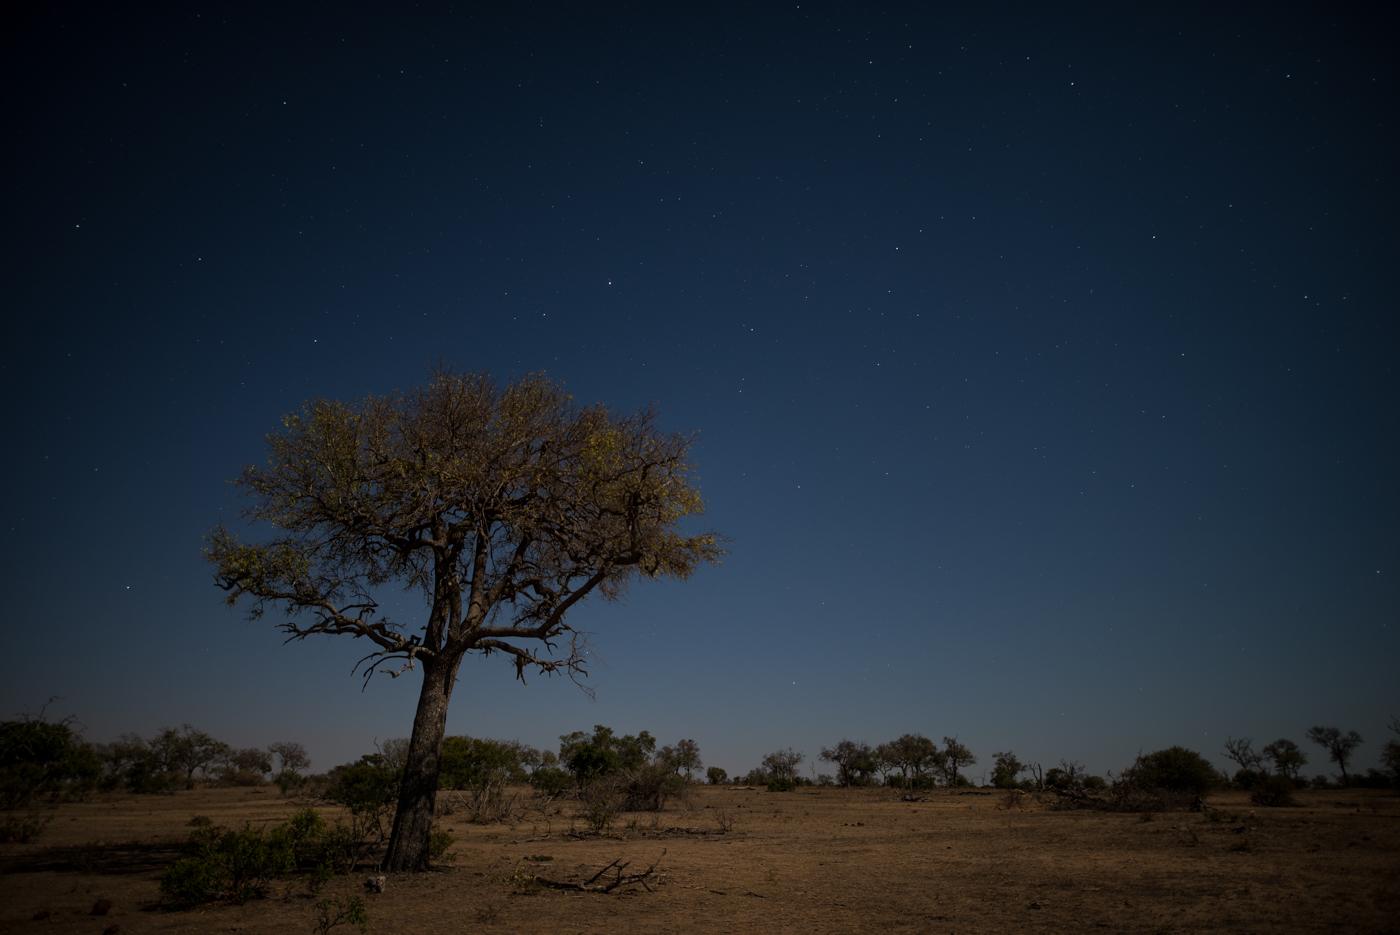 moon lit landscape, SC